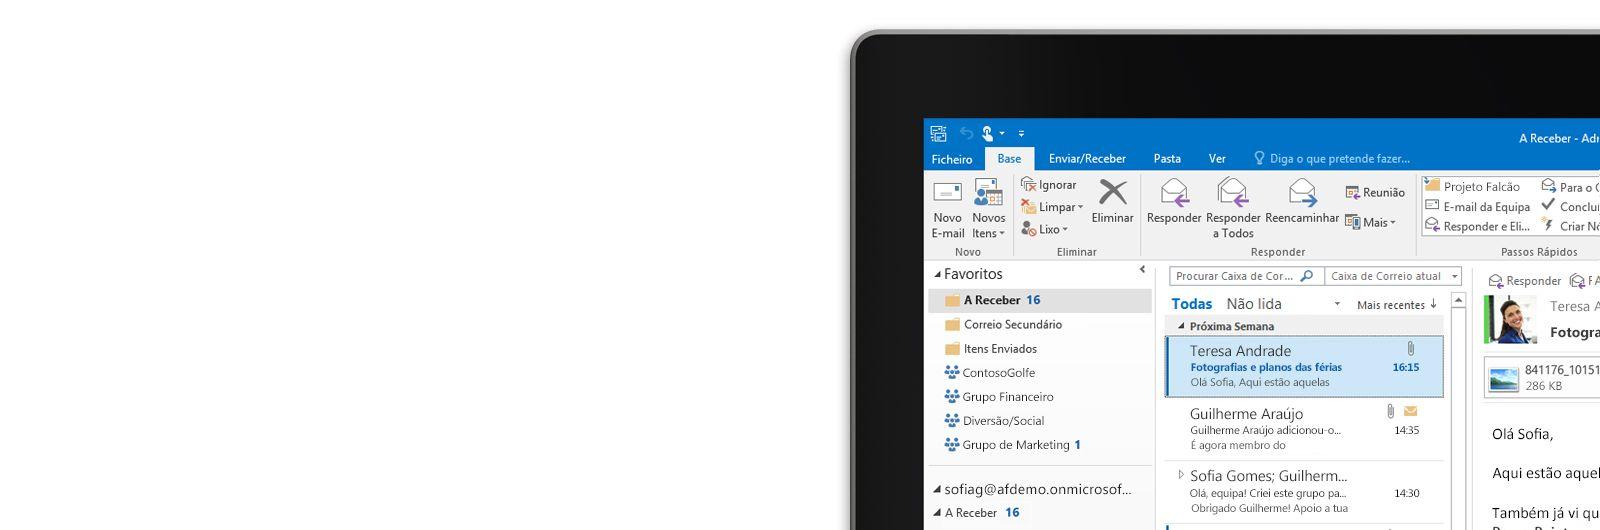 Um tablet a apresentar a caixa de entrada do Microsoft Outlook 2013 com uma lista e pré-visualização das mensagens.